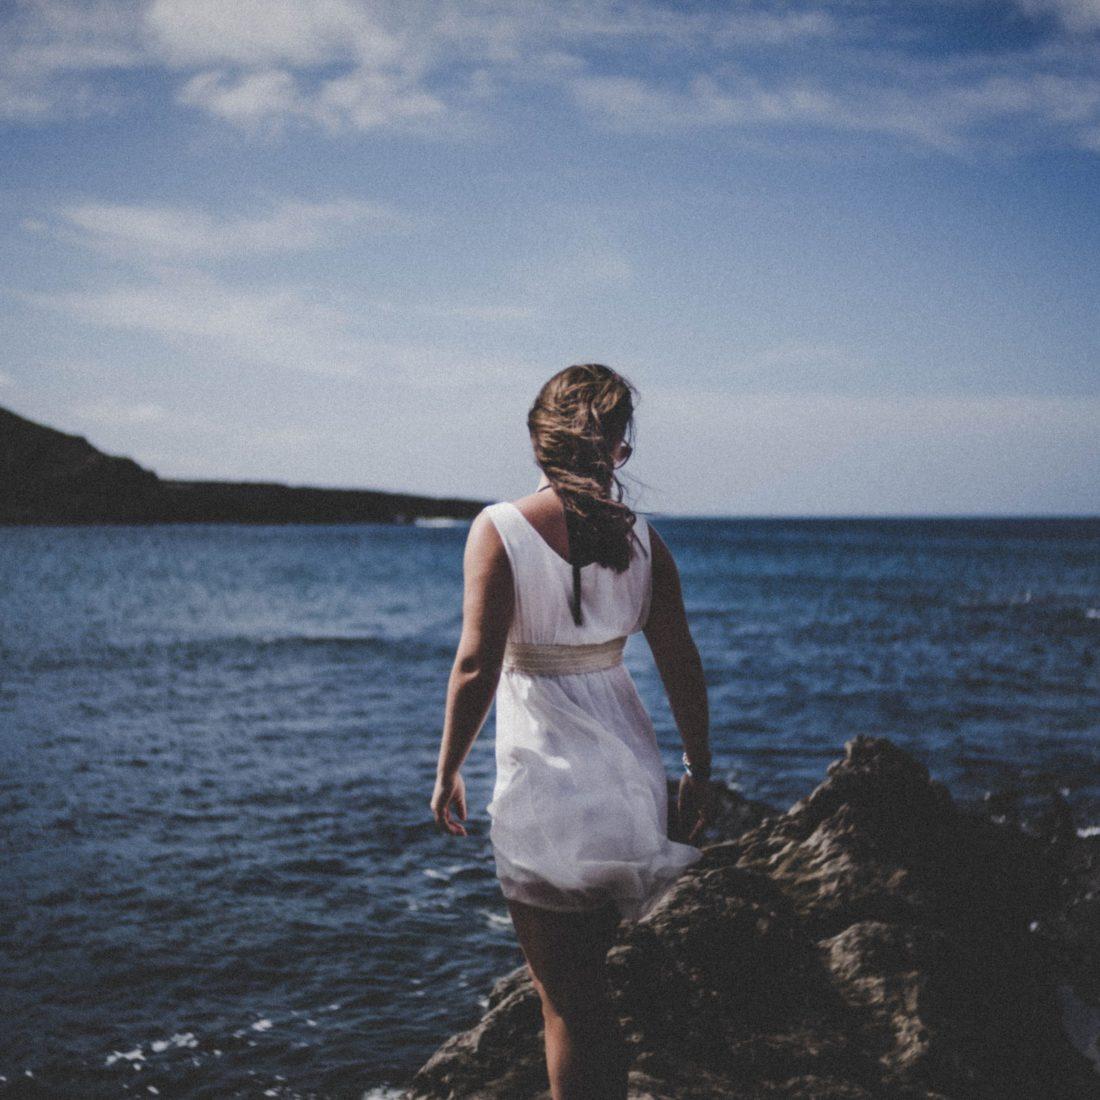 Mujer con vestido blanco mirando el mar